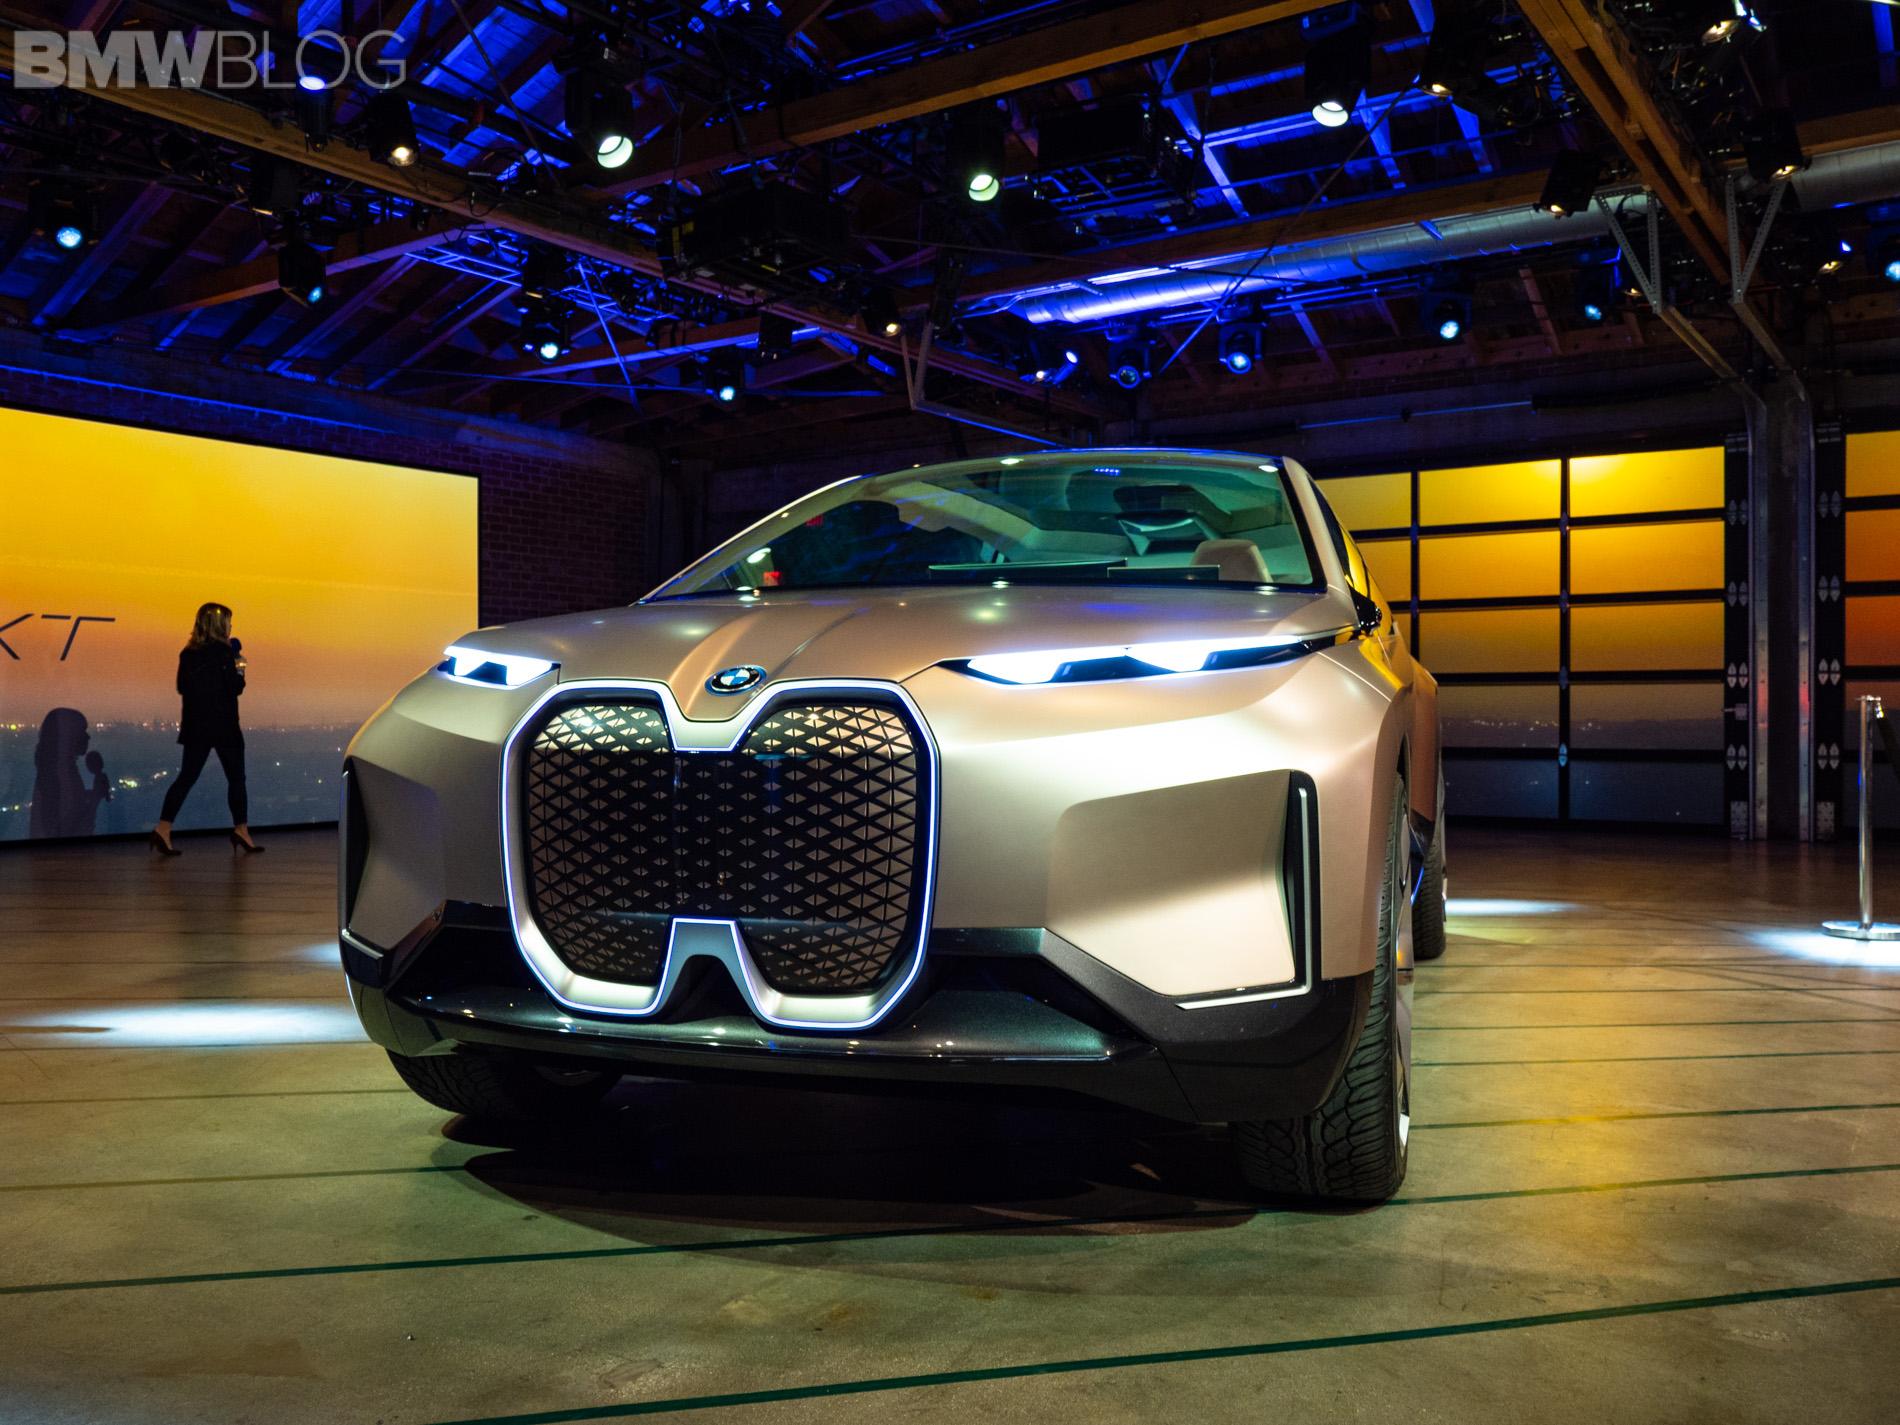 BMW iNext vision world premiere 9